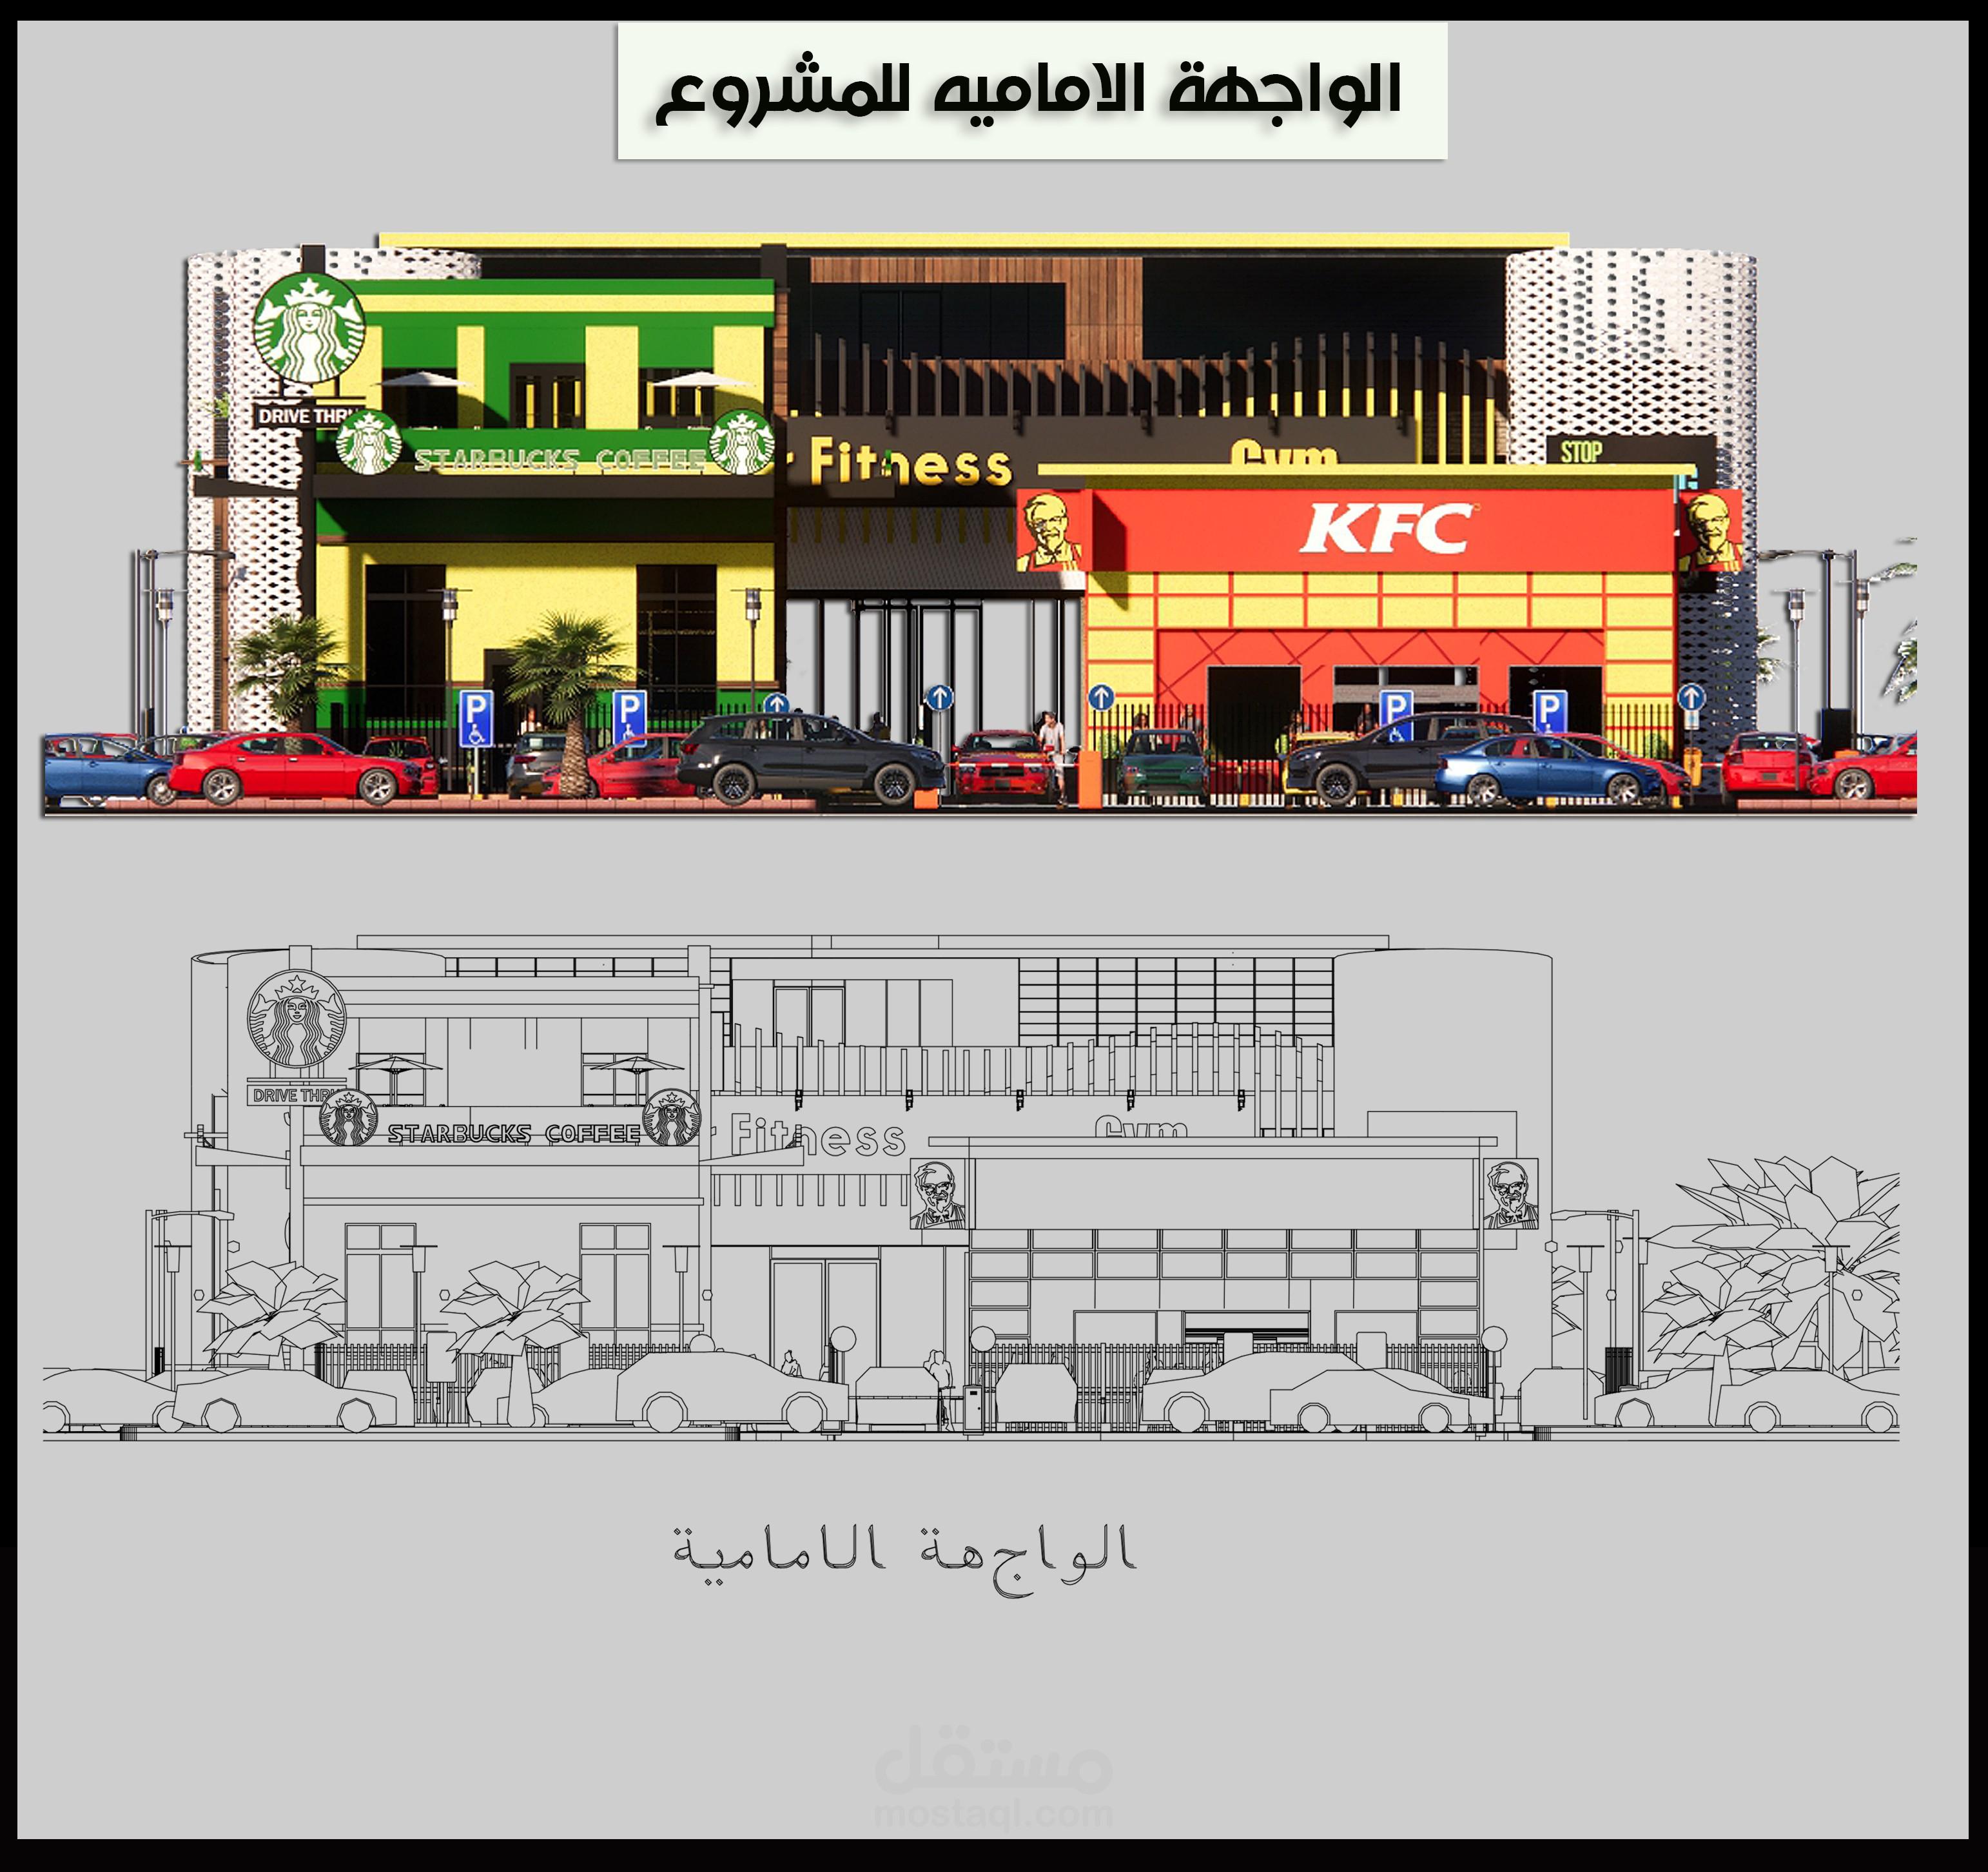 مخططات تنفيذيه لمجمع محلات تجاري وجيم